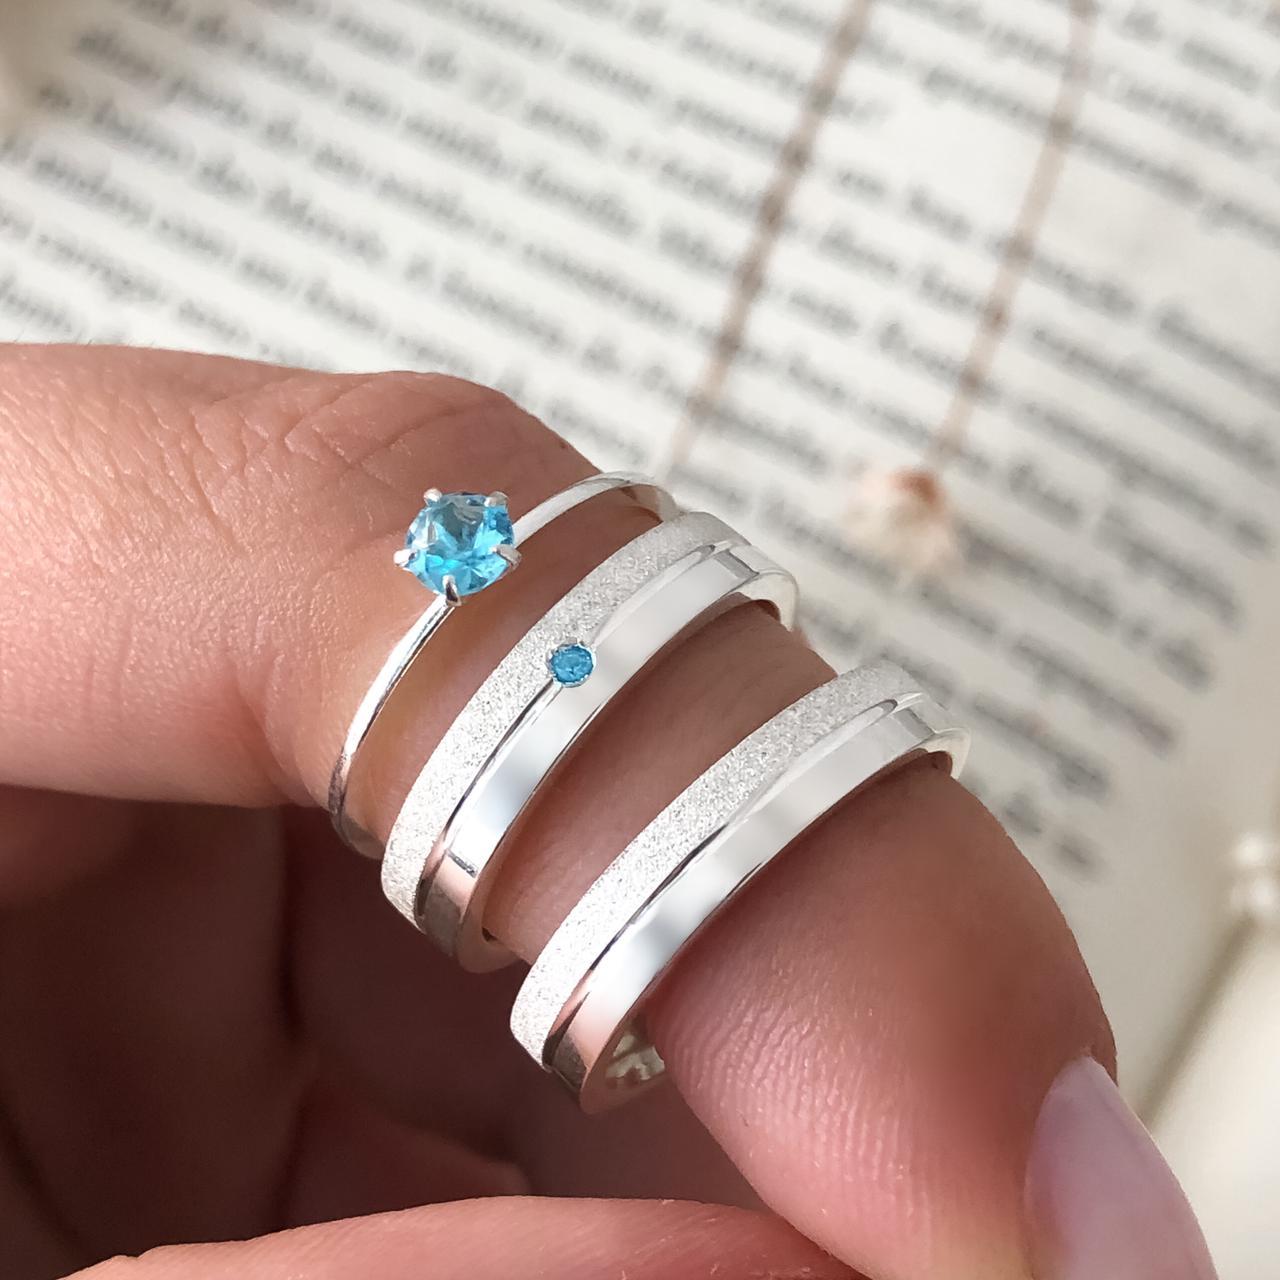 Combo Alianças Personalizadas Florence em Prata com Pedra Azul 5mm + Anel Solitário Azul Claro